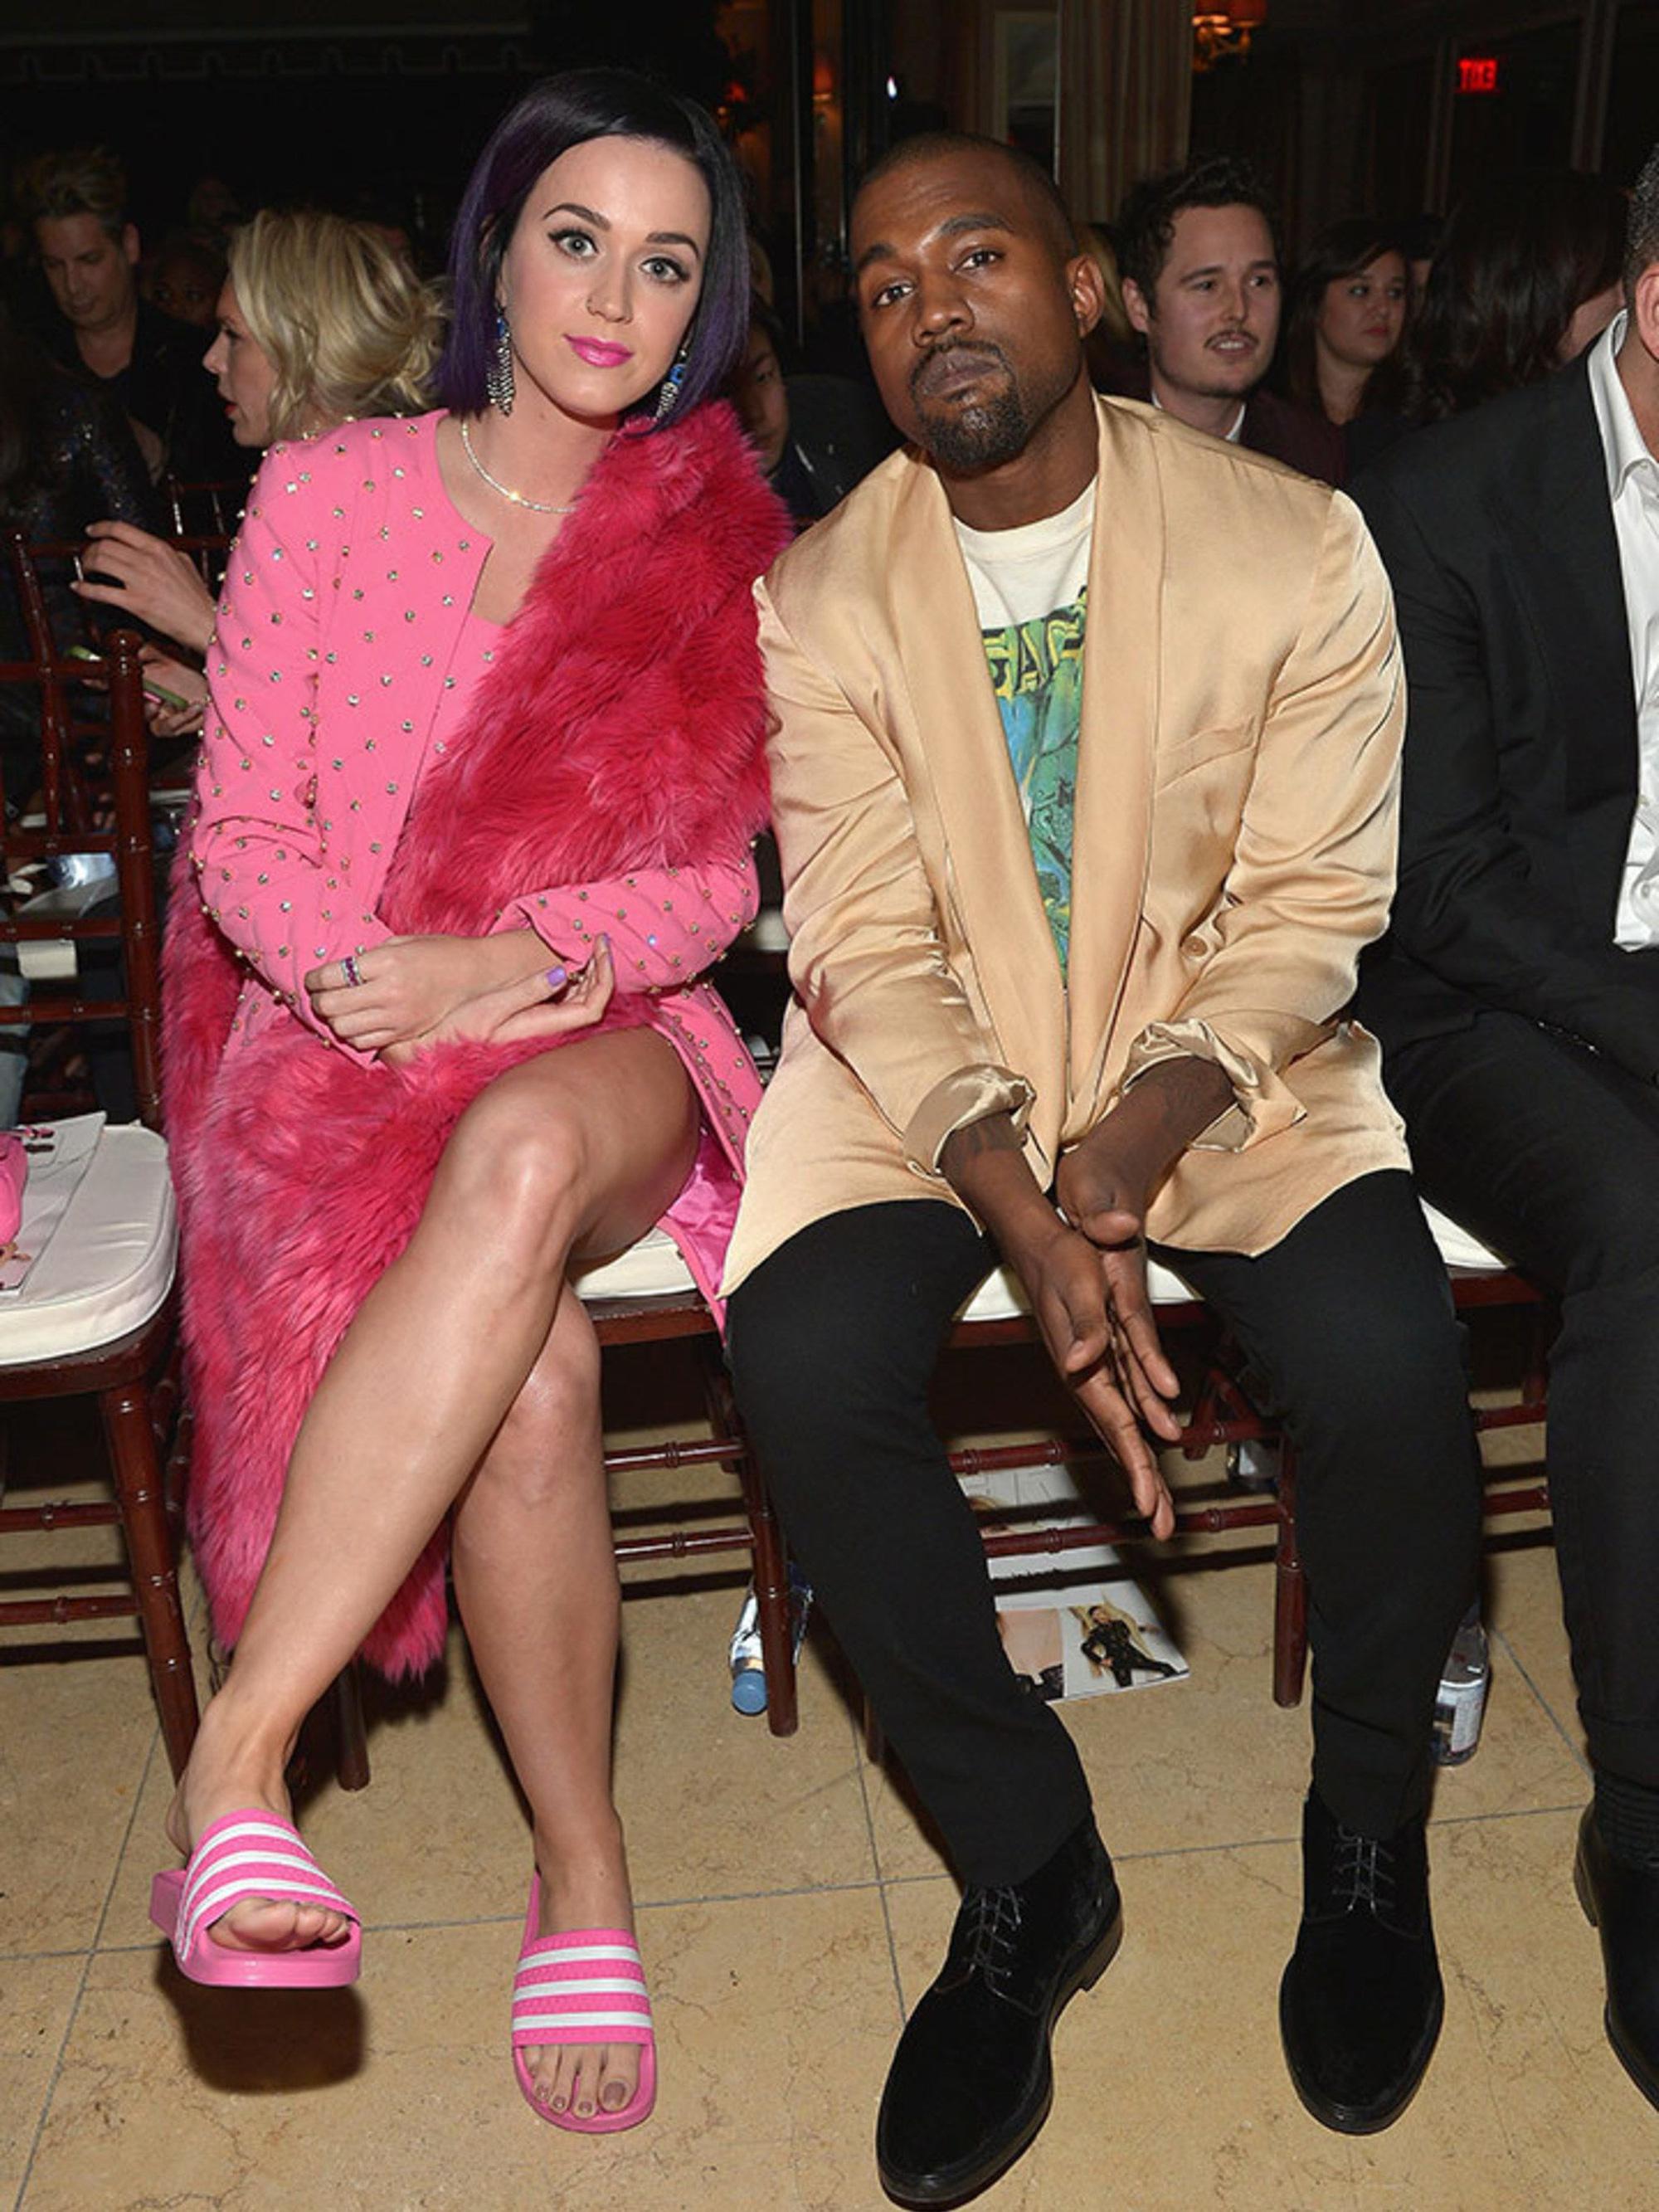 Khung hình quyền lực quy tụ toàn nhân vật máu mặt: Tỷ phú Rihanna và Kanye West chễm chệ, nhìn dàn sao ngồi cạnh mà choáng - Ảnh 6.